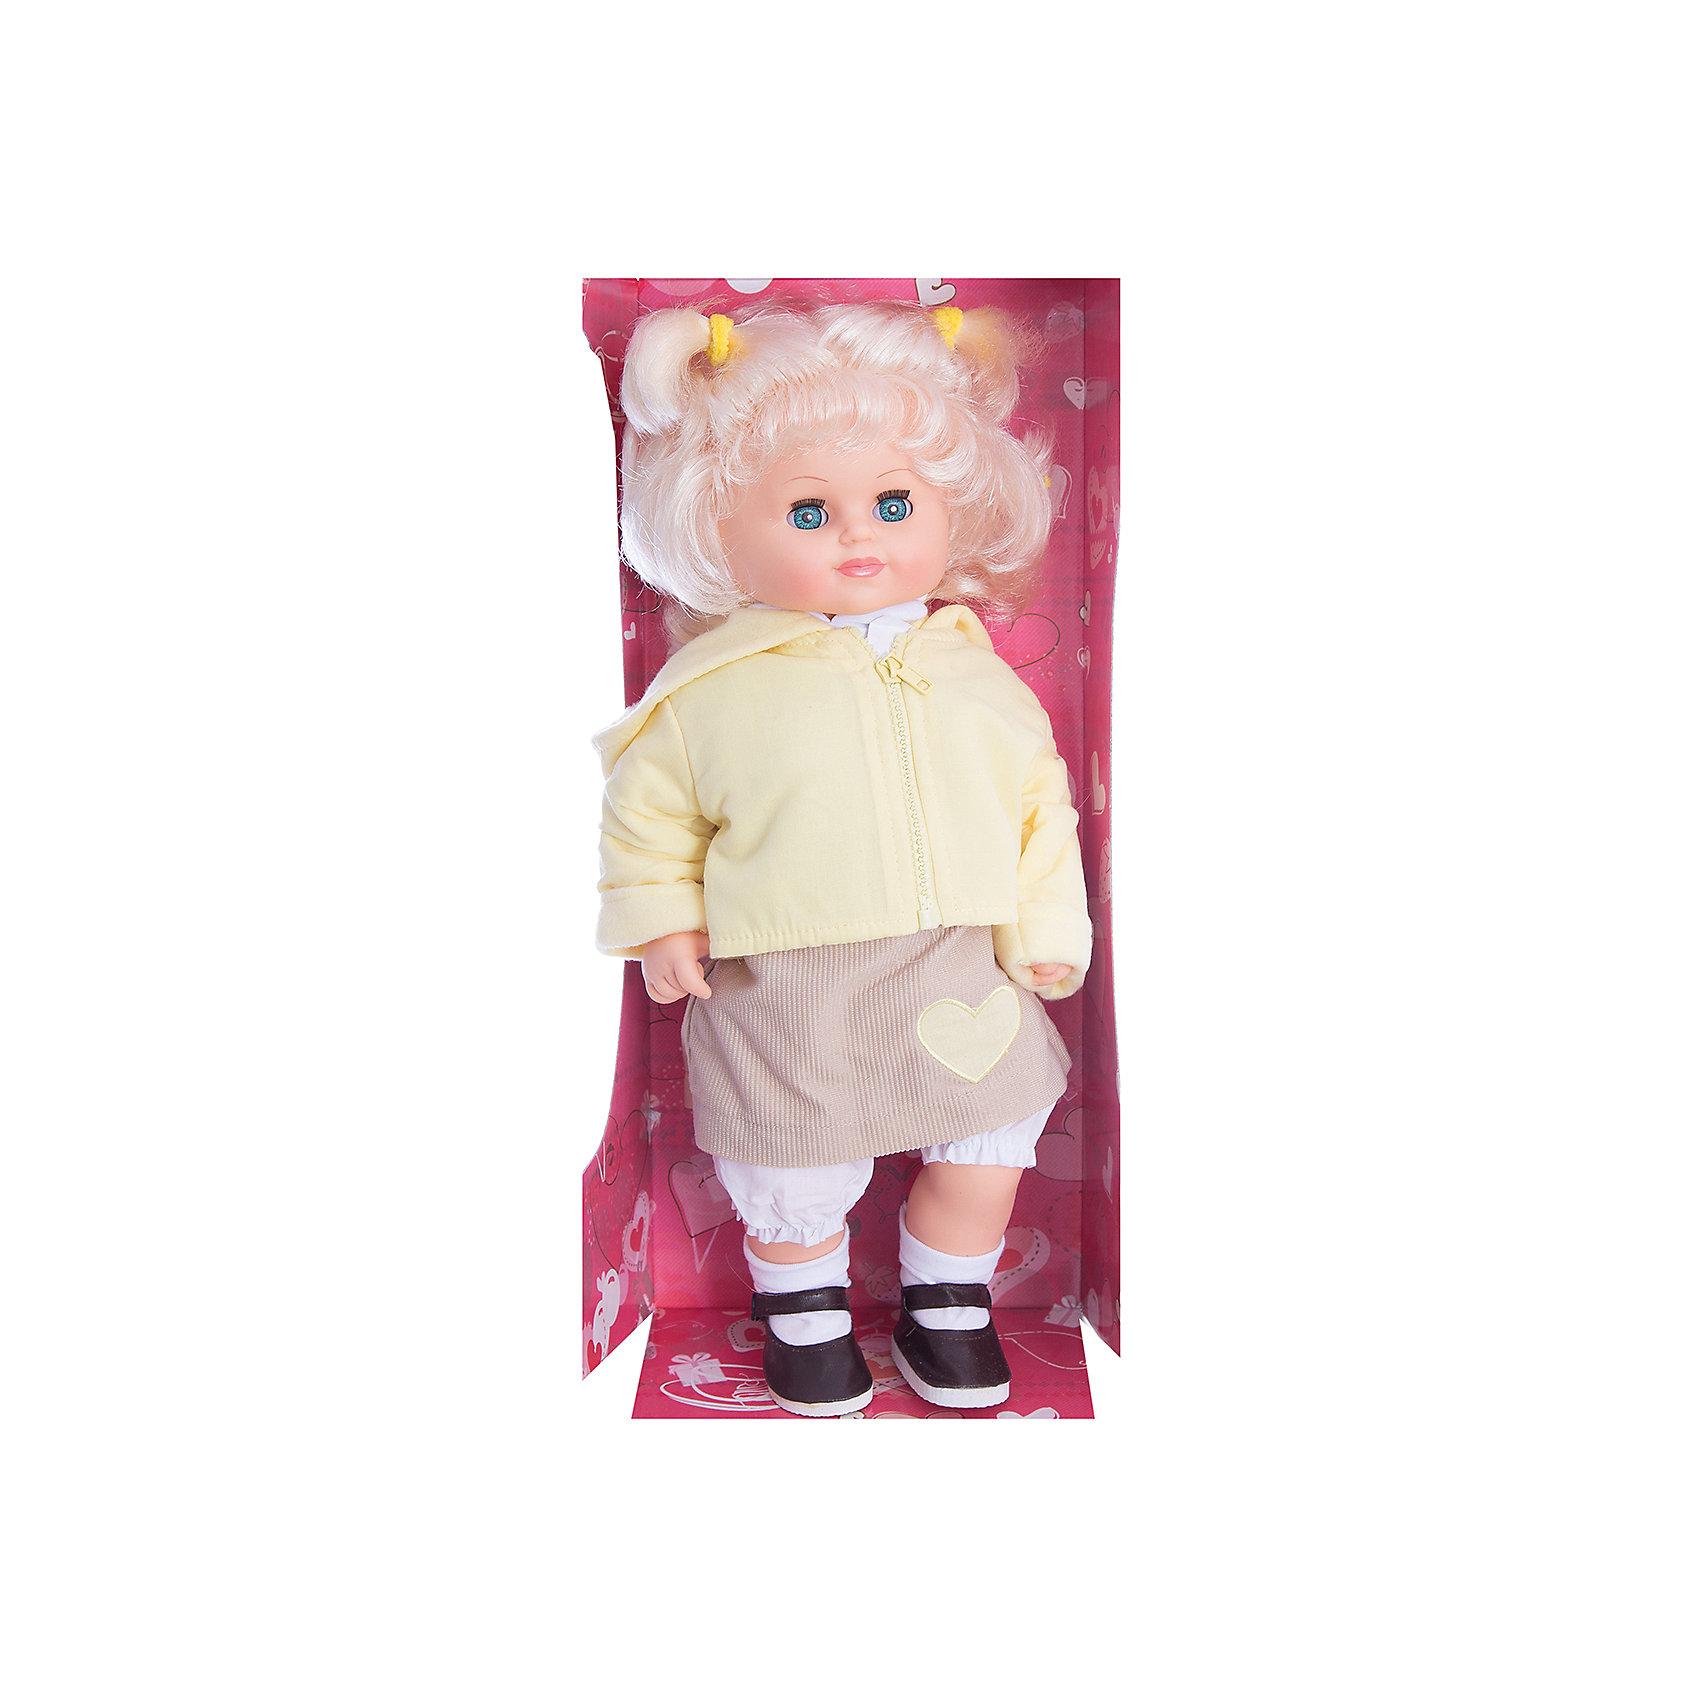 Весна Кукла Соня, со звуком, 47 см, Весна игрушка для животных каскад удочка с микки маусом 47 см